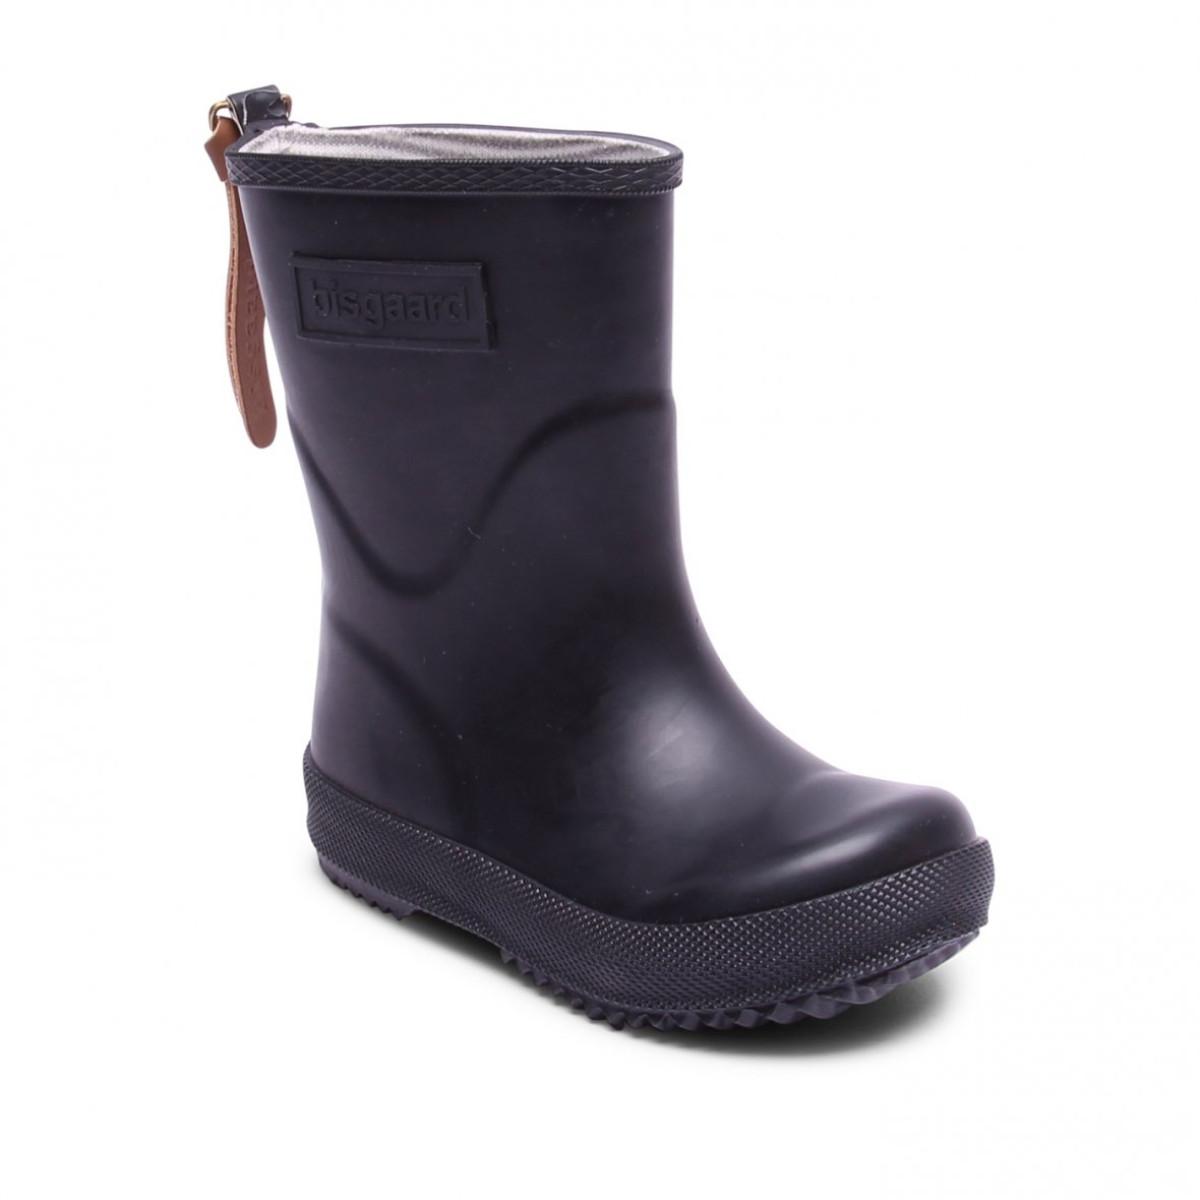 1df7534b079 Bisgaard gummistøvler, sort bred model